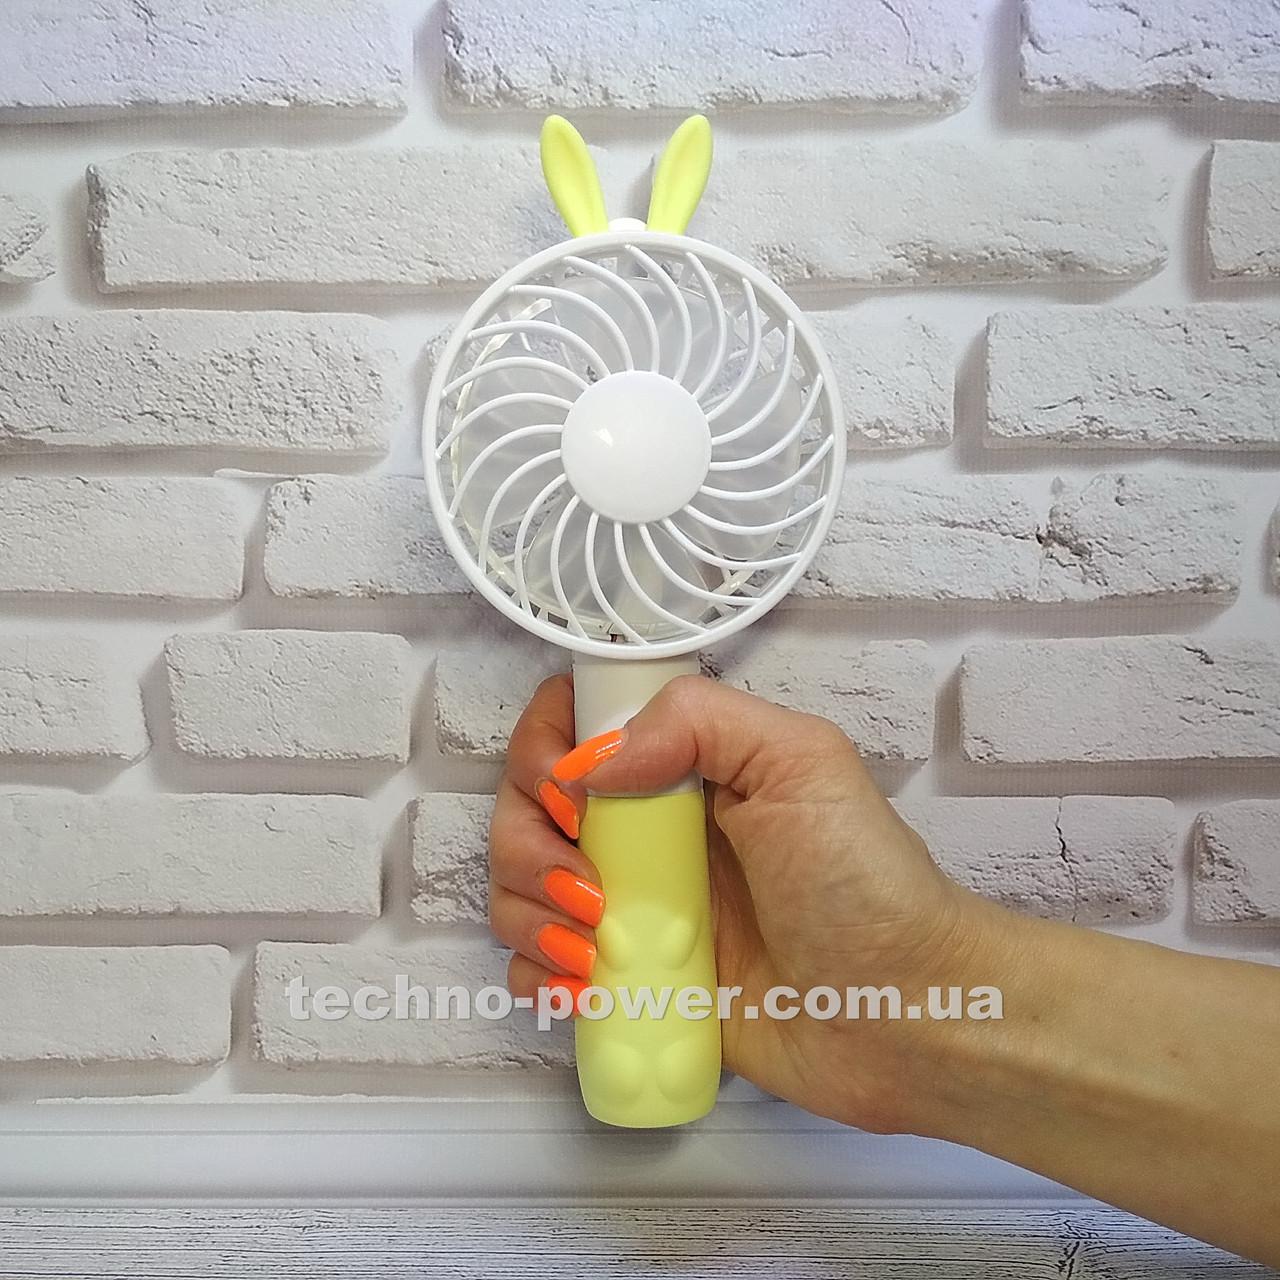 """Ручной мини-вентилятор на аккумуляторе Princess Rabbit Yellow. Портативный мини вентилятор """"Кролик"""" Желтый"""